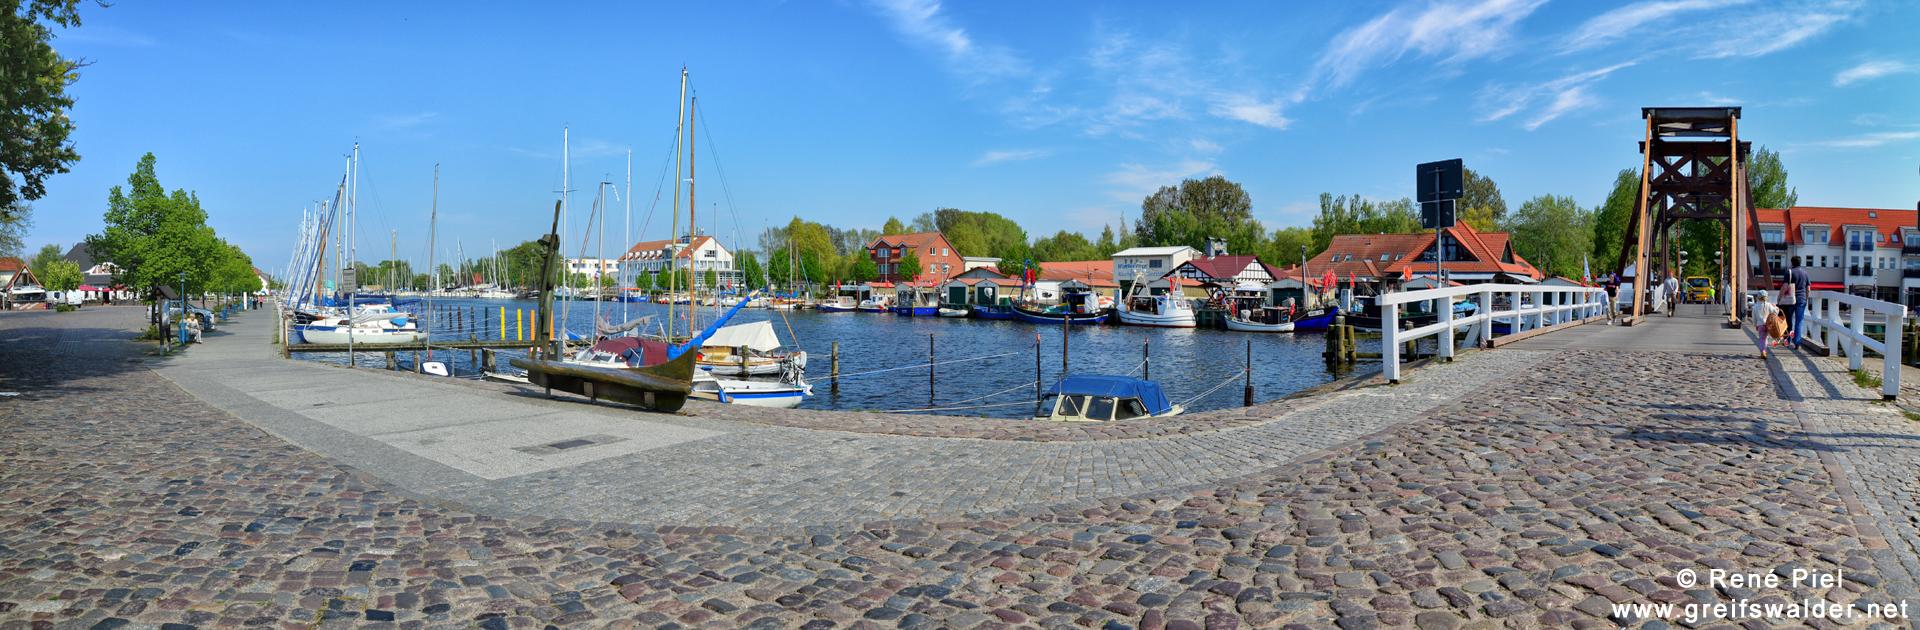 Greifswald-Wieck - An der Brücke